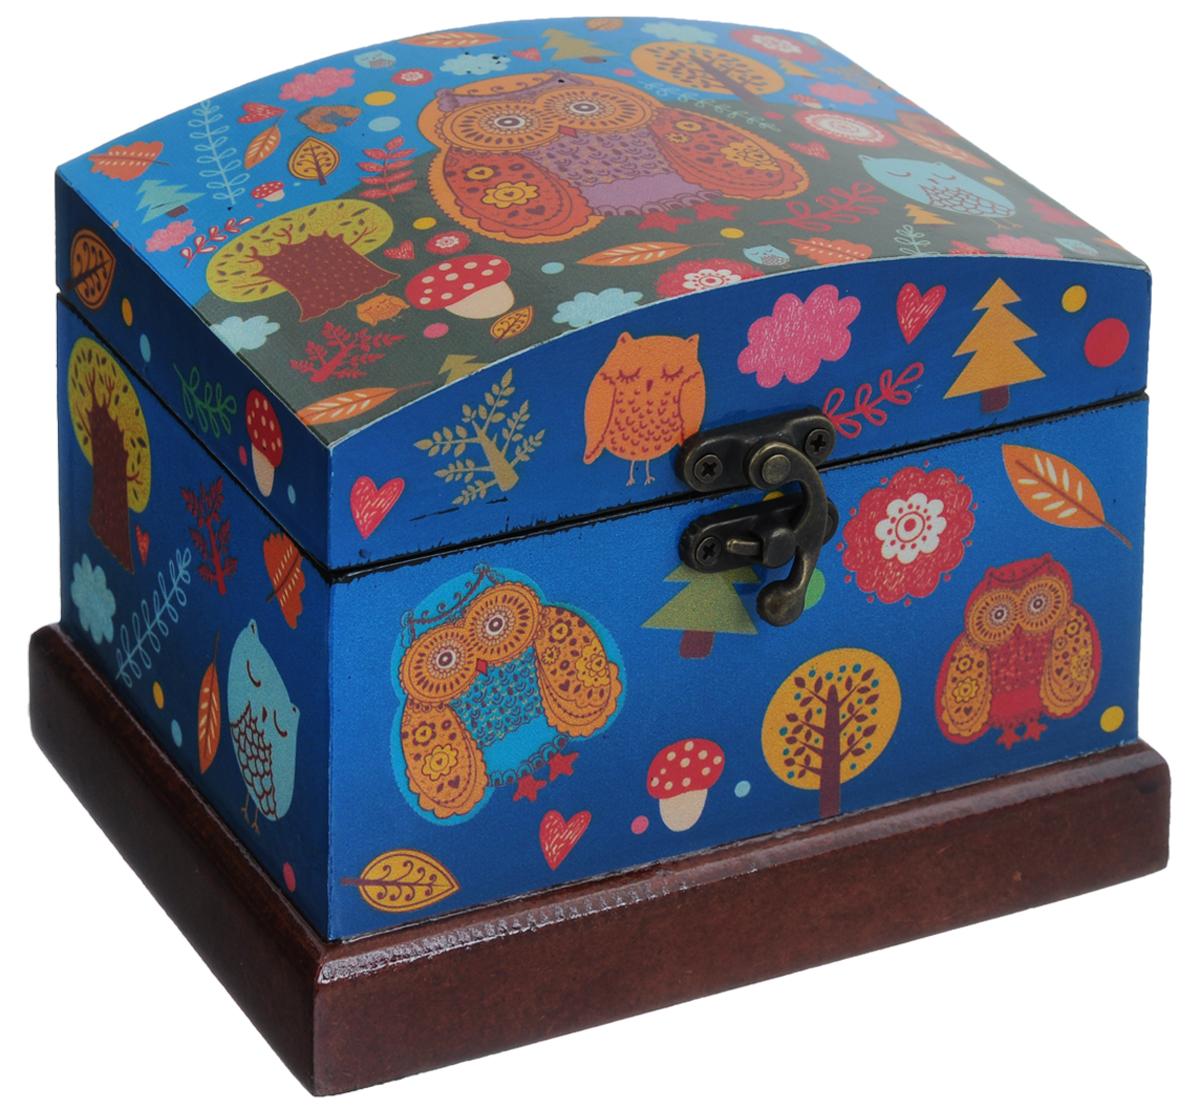 Шкатулка декоративная Феникс-Презент Совы, 16 х 12 х 12 см40152Декоративная шкатулка Феникс-Презент Совы идеально подойдет для хранения бижутерии, принадлежностей для шитья, различных мелочей и безделушек. Изделие выполнено из МДФ, декорировано оригинальным рисунком. Закрывается на металлический курковый замок.Такая шкатулка станет отличным подарком человеку, ценящему необычные и стильные аксессуары.